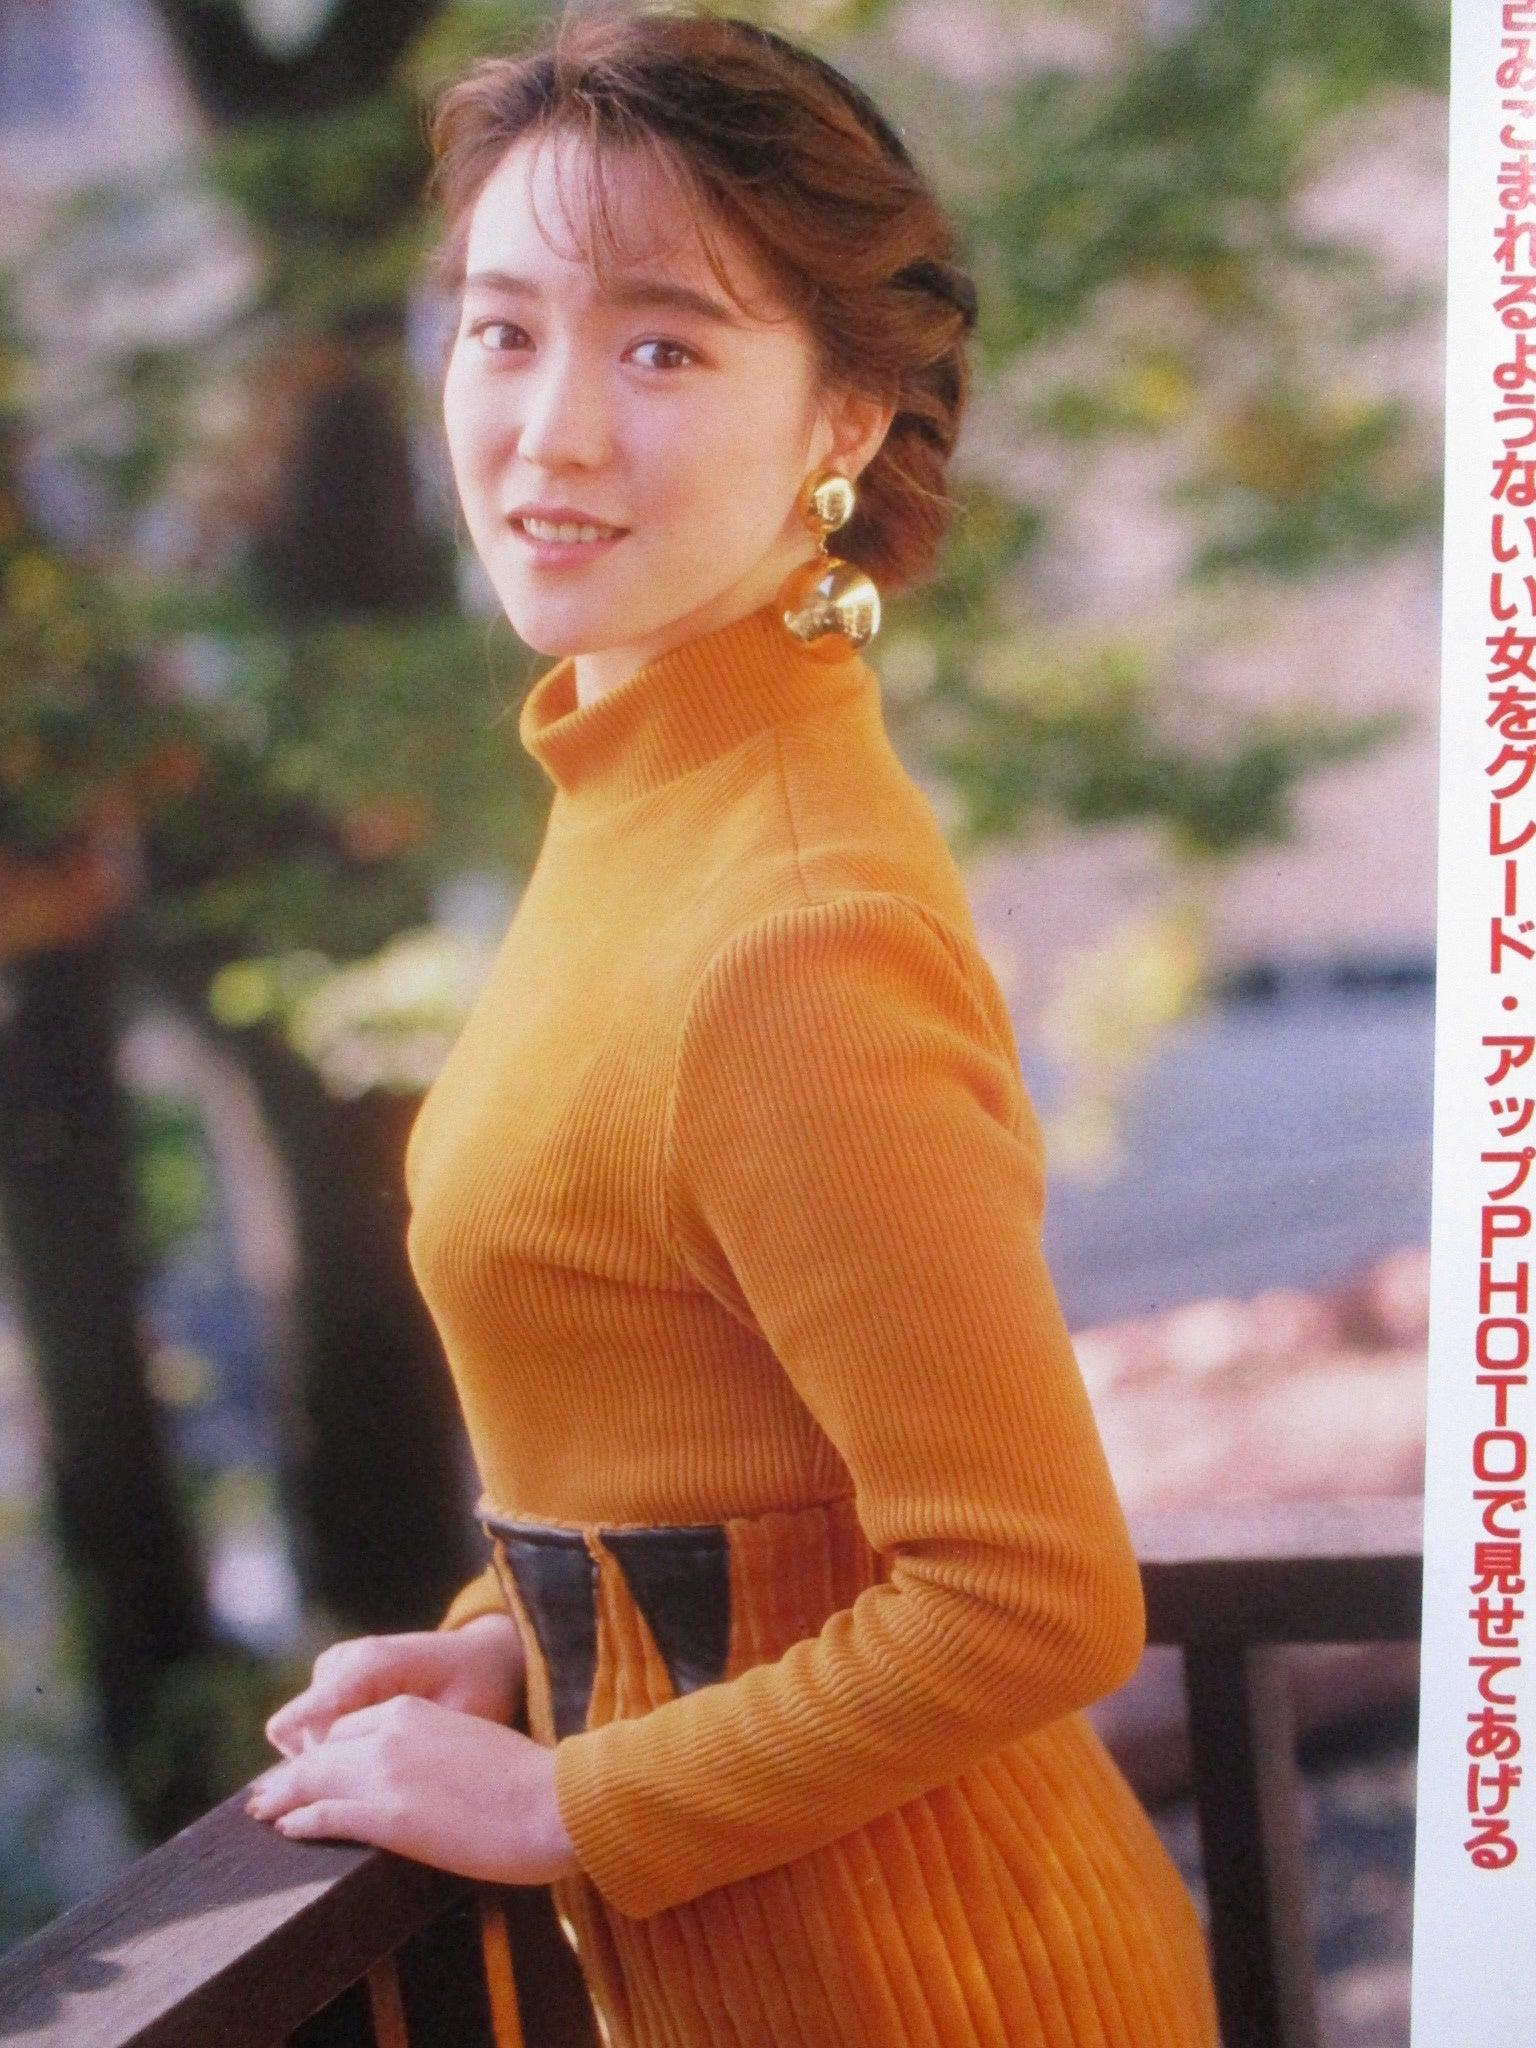 三暁堂 出品担当最高責任者のブログみ~つけた!「若村麻由美さん」切り抜き 女優